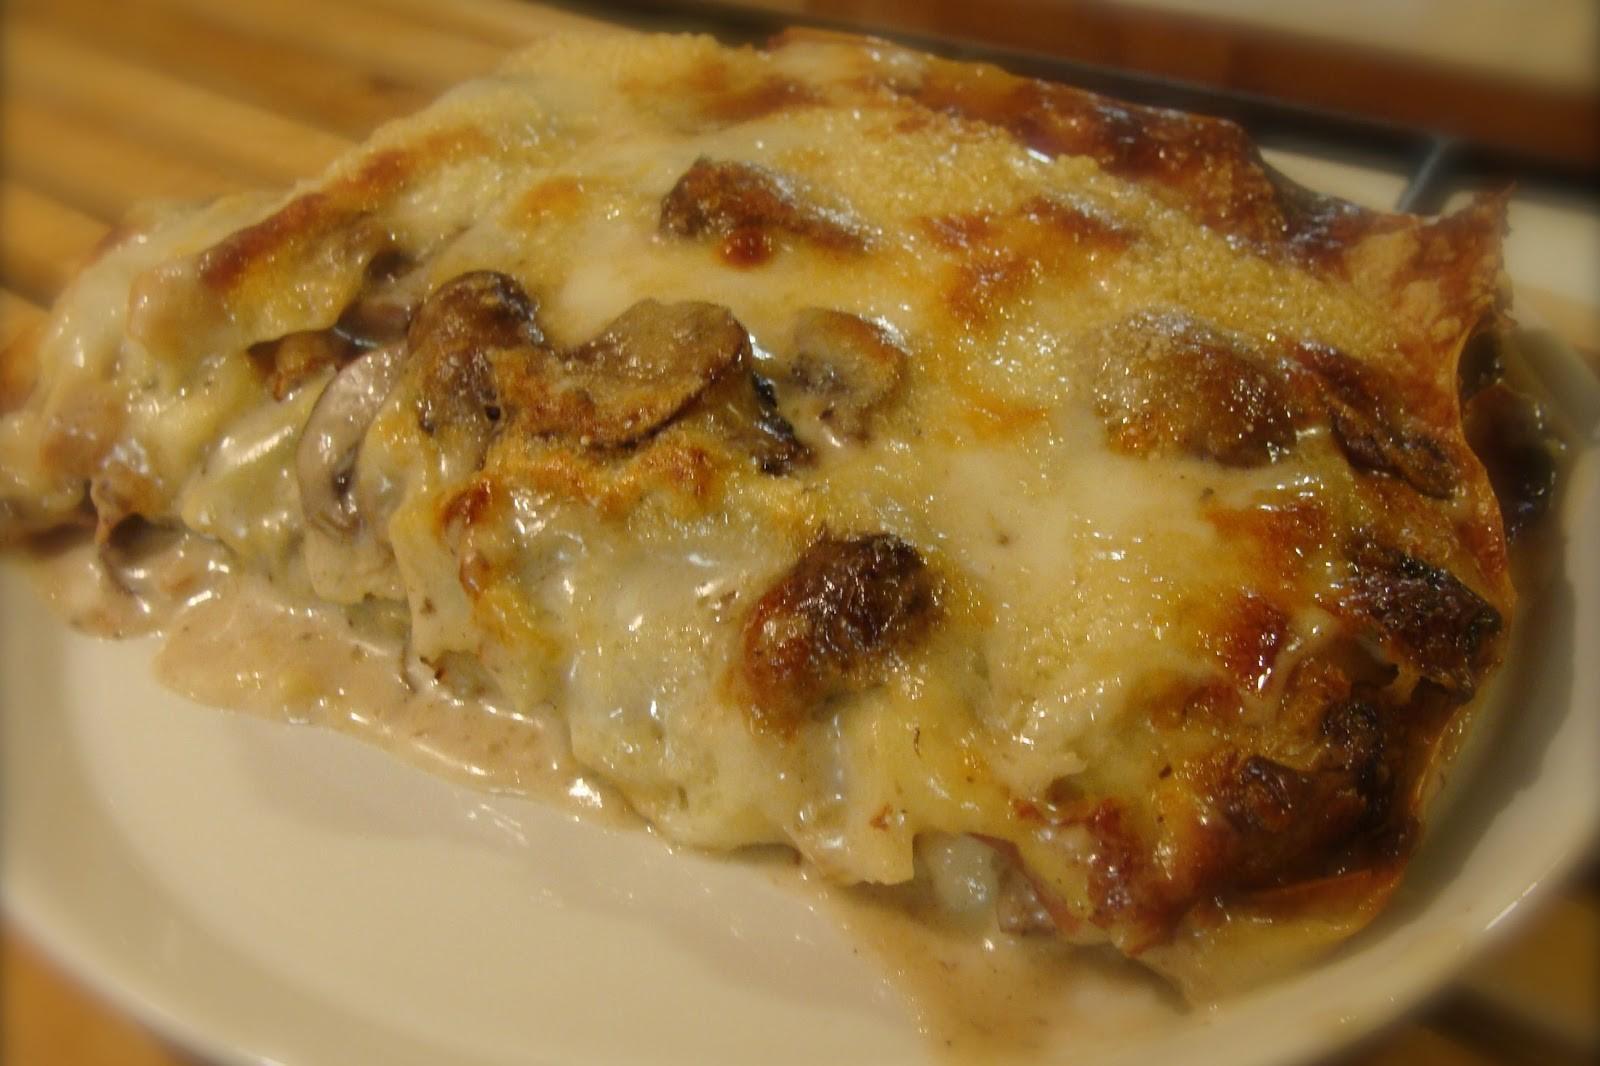 ricetta-lasagne-ai-funghi_32321f7a5f0f0761d63f9f9eeead9eec